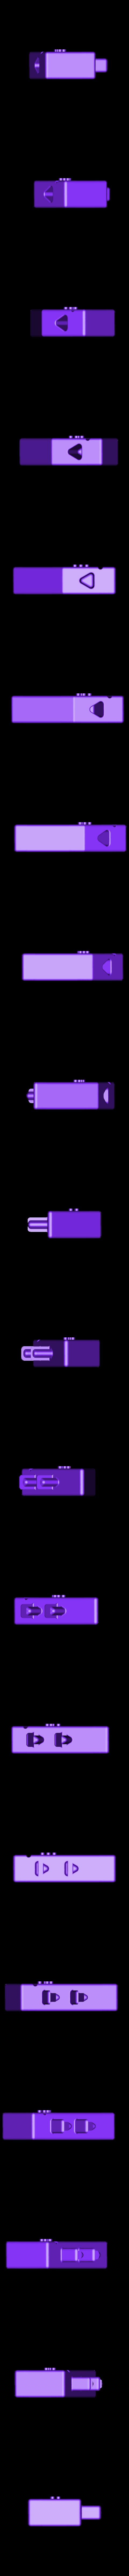 R.stl Télécharger fichier STL gratuit Casse-tête en braille de la couronne de Fittle • Design pour impression 3D, Fittle